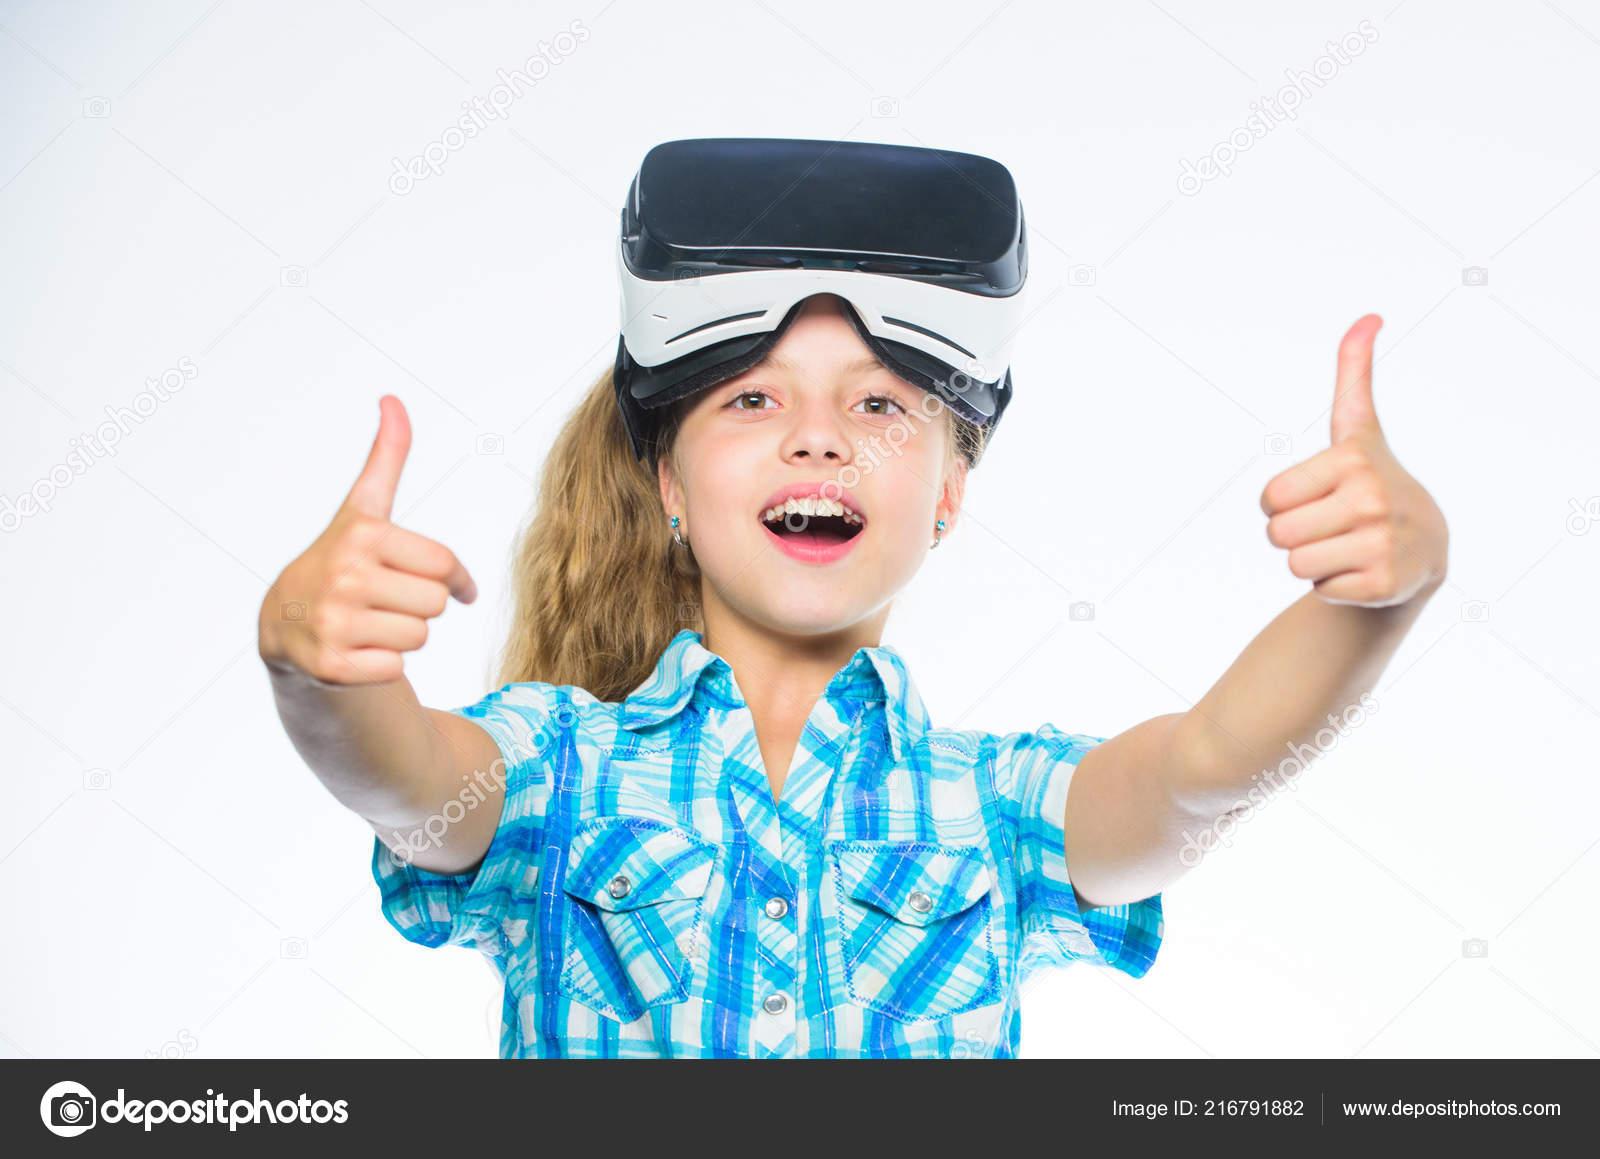 Gyerek lány vr szemüveg. Kis gamer koncepció. Gyermek játszani a virtuális  játékok 84f2718509